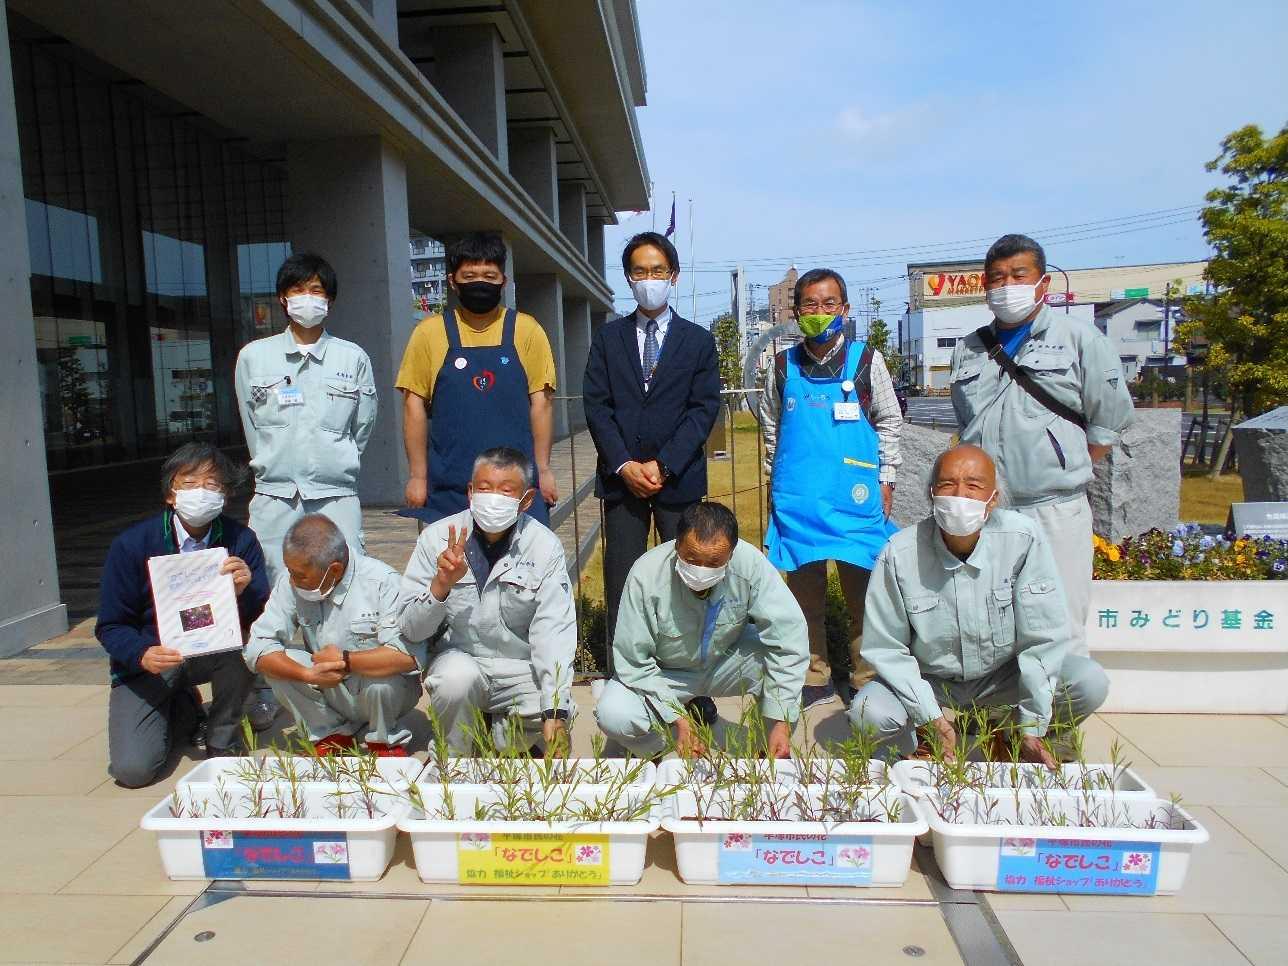 平塚市民の花『なでしこ』をお届けしました。